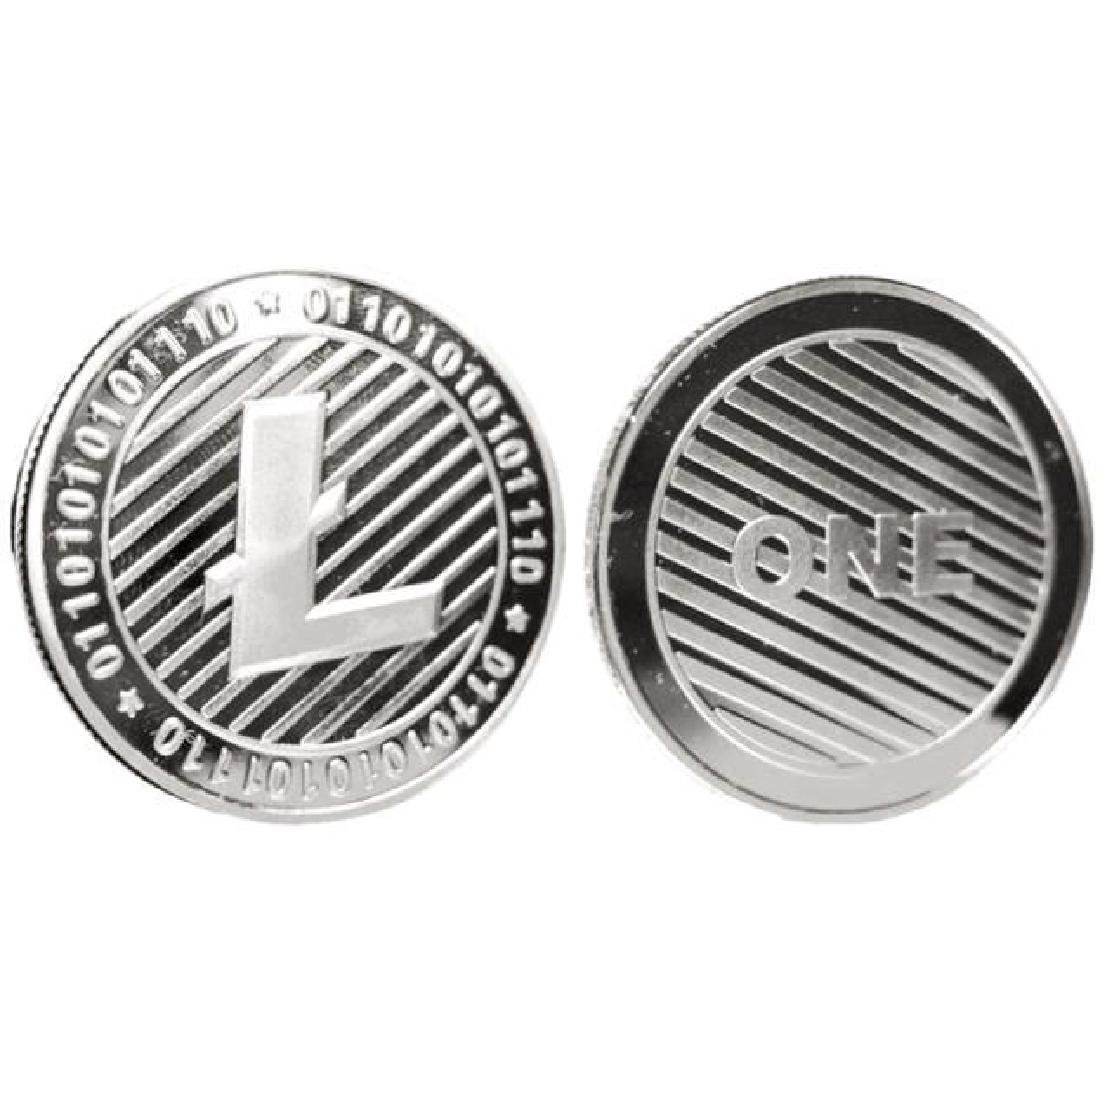 One Litecoin Silver Clad Crypto Coin